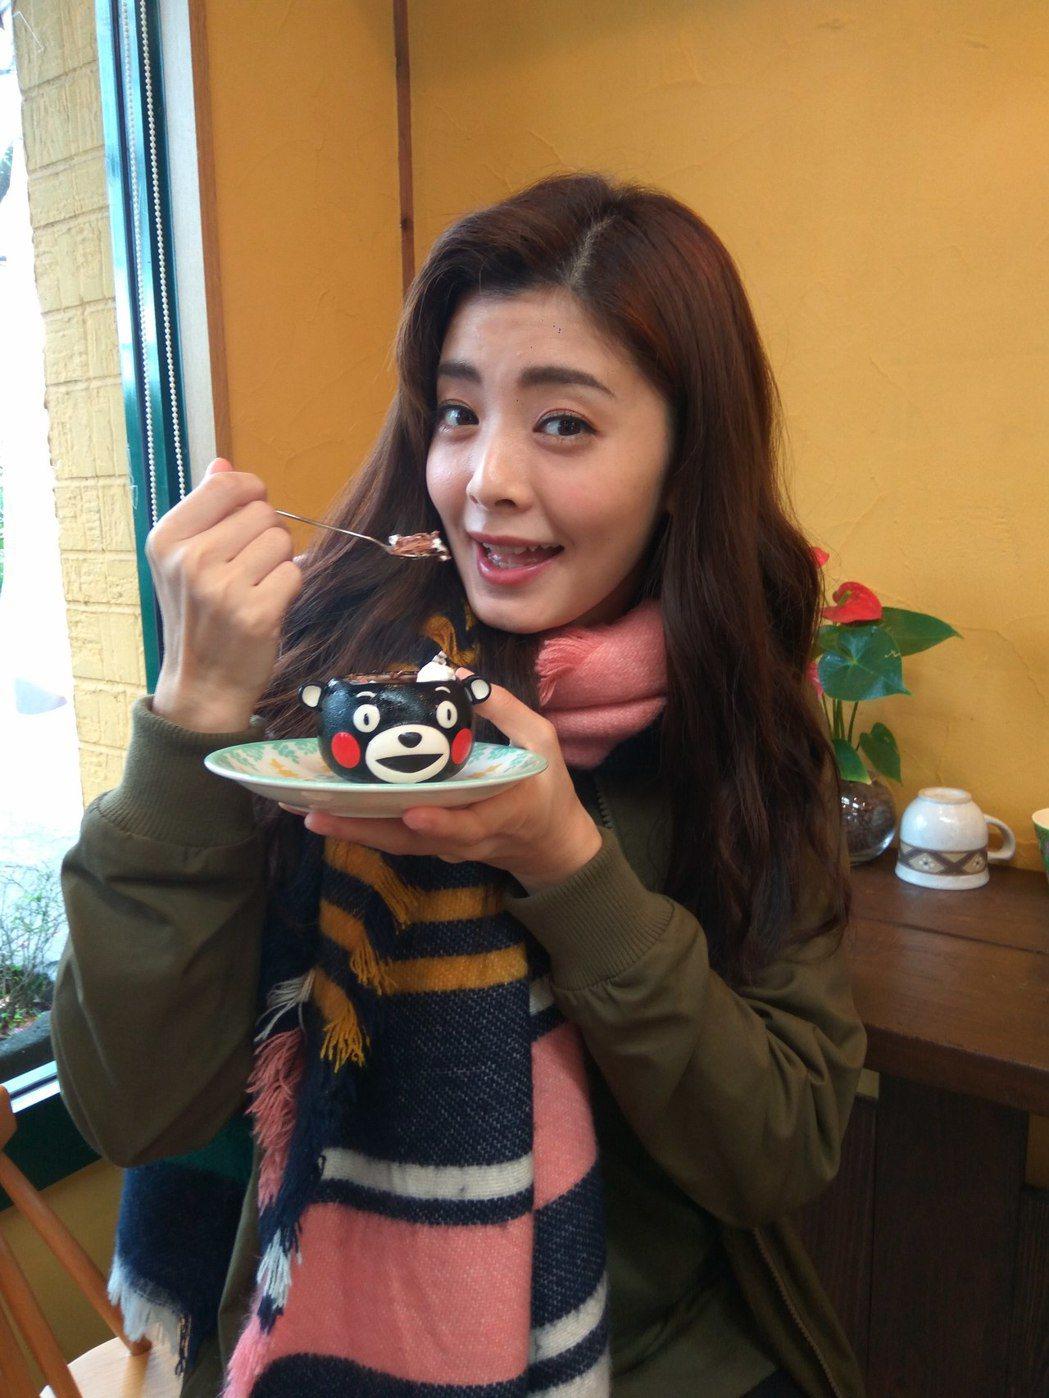 夏如芝到阿蘇神社知名甜品店,品嚐熊本熊甜點。圖/伊林提供